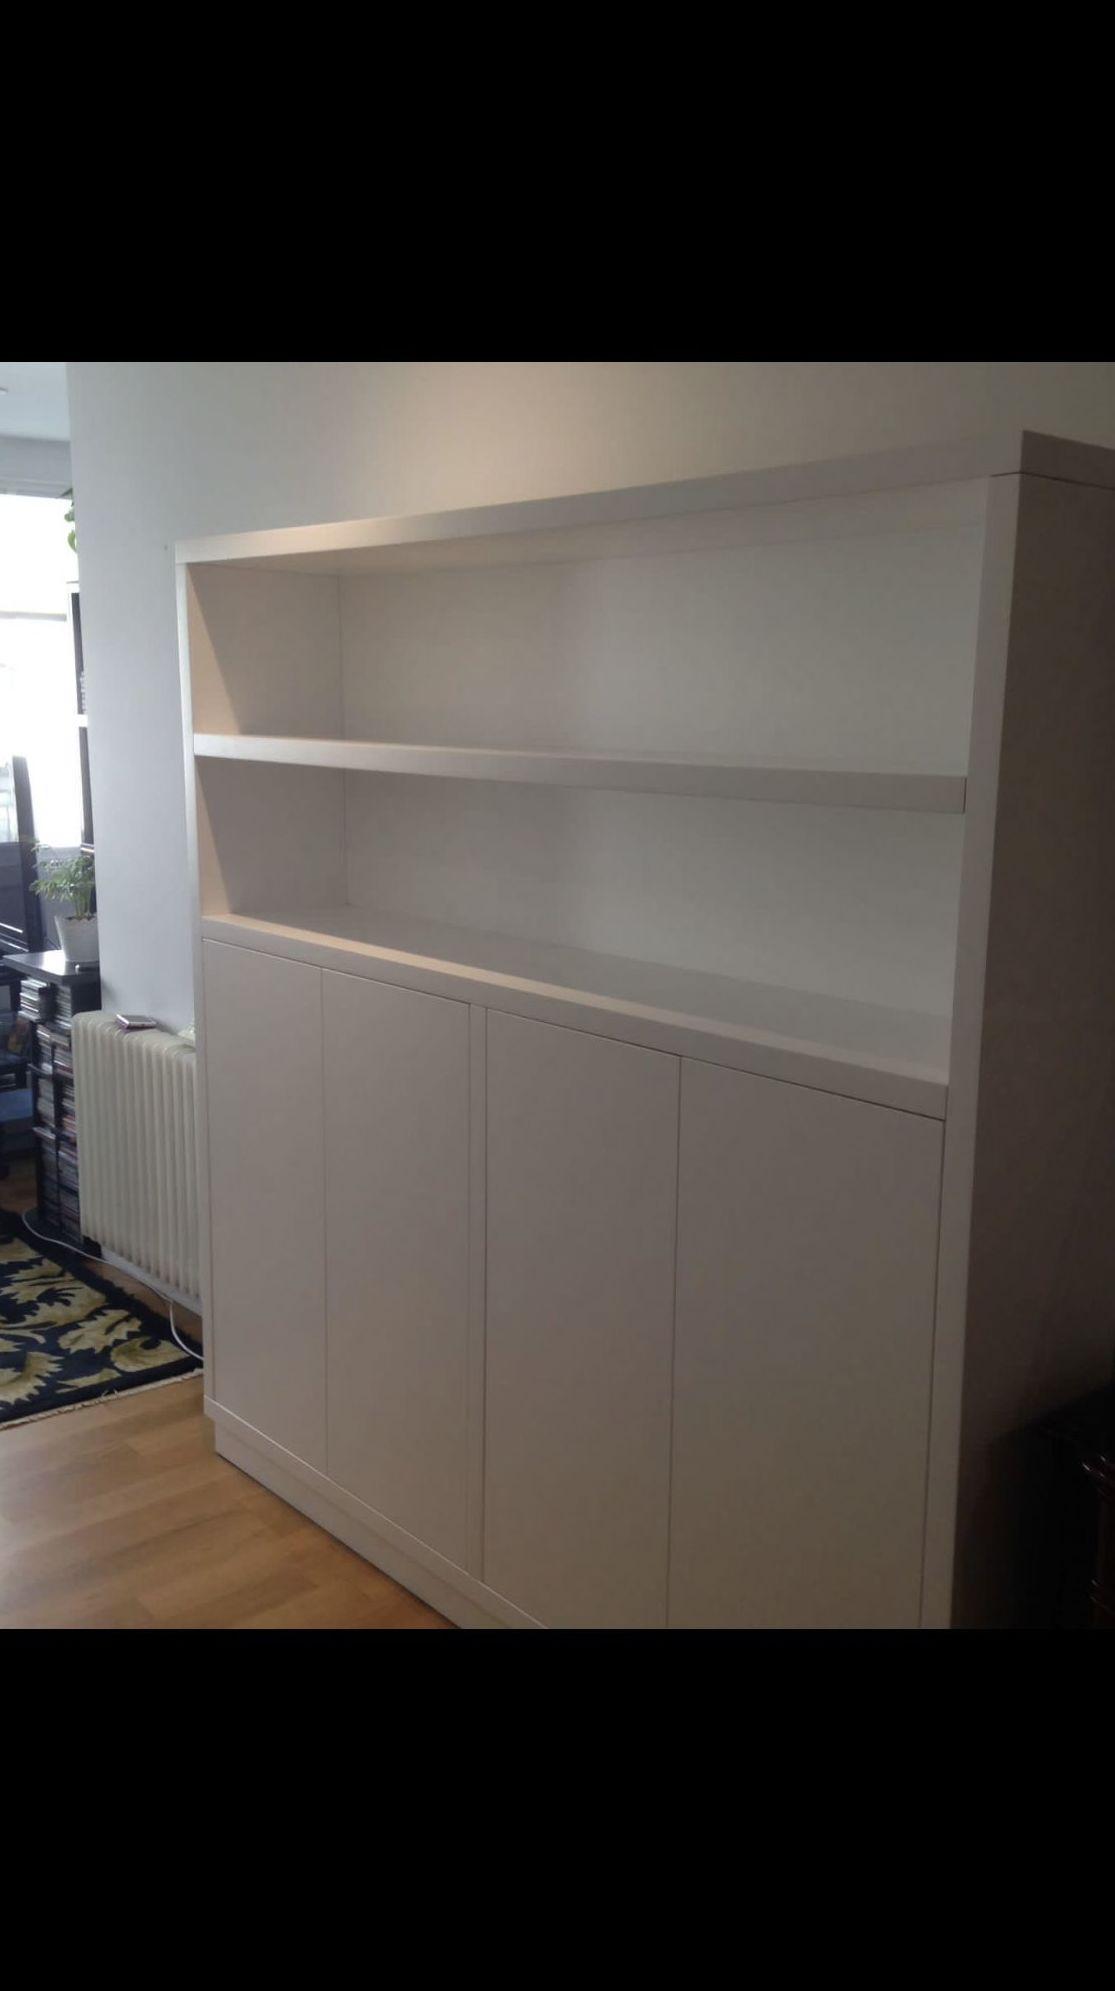 Mueble realizado en DM lacado en color blanco